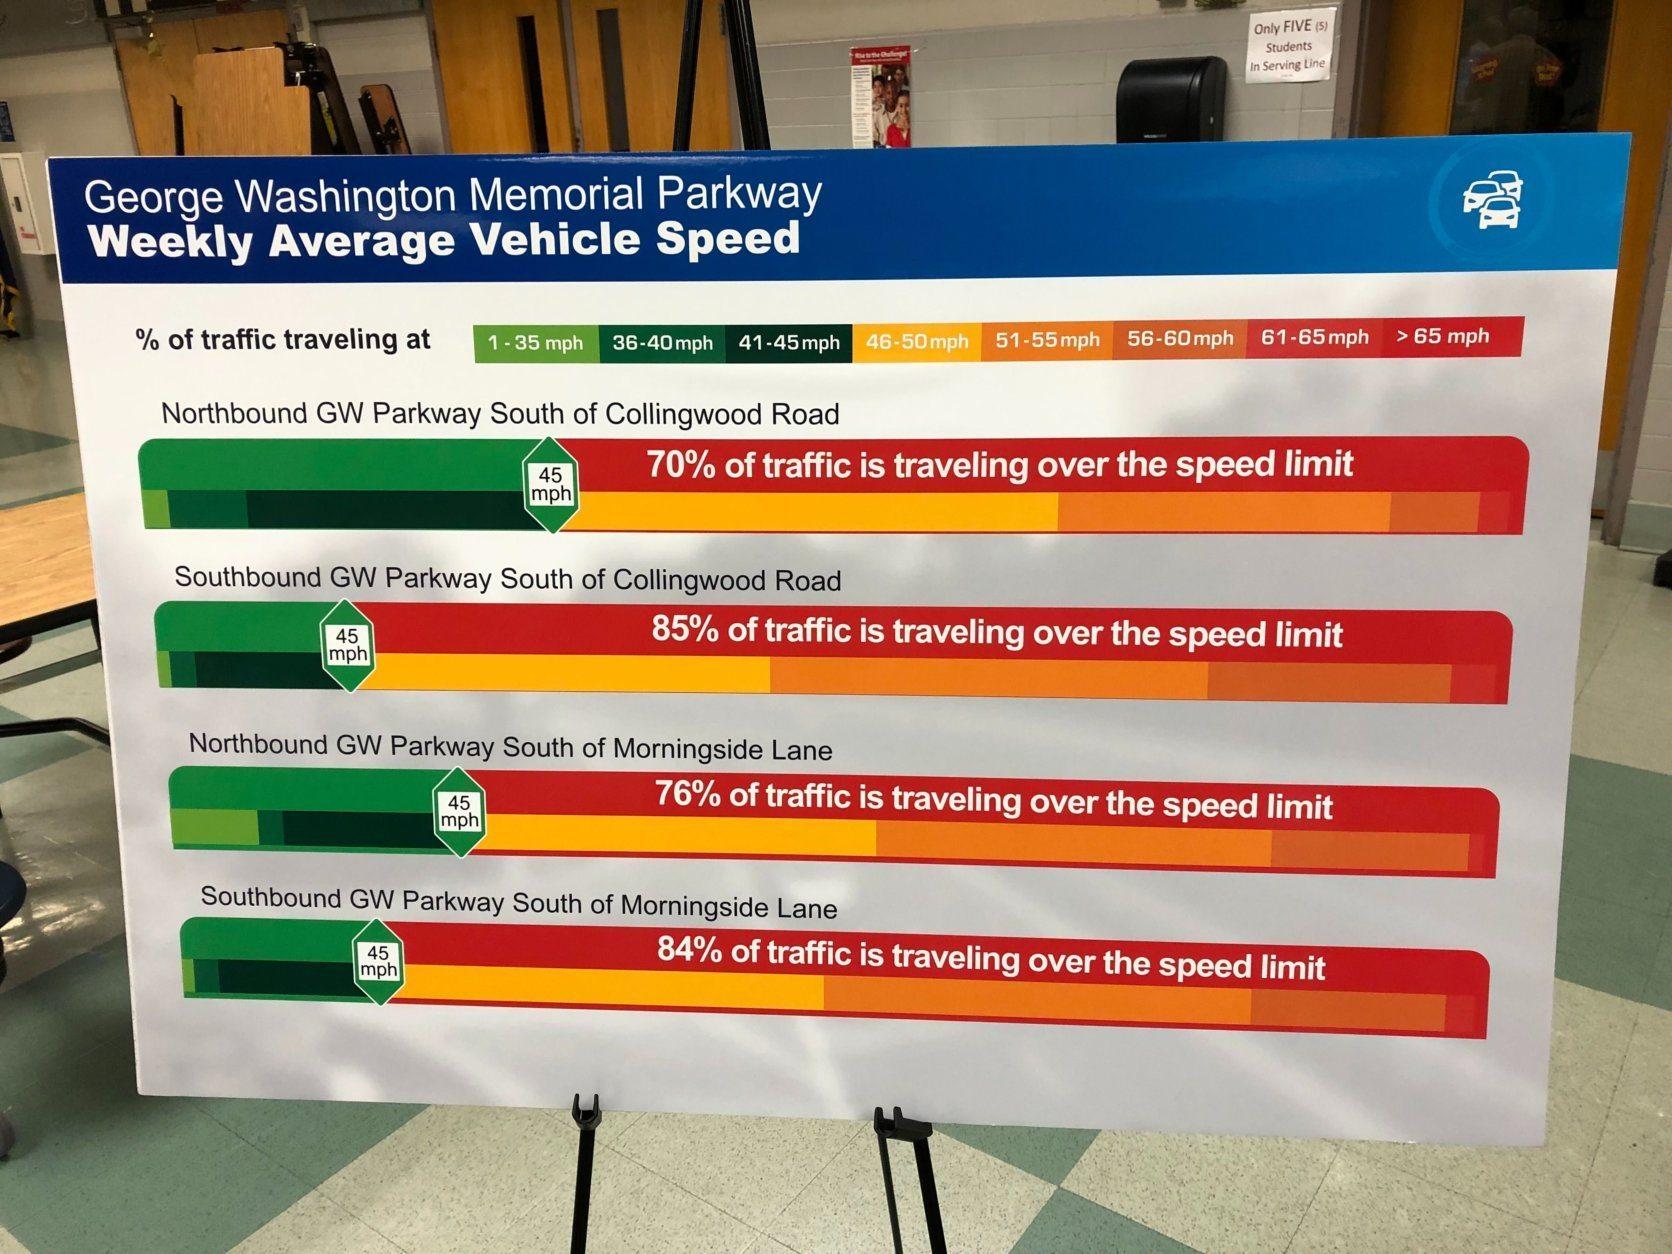 GW Parkway driving speeds